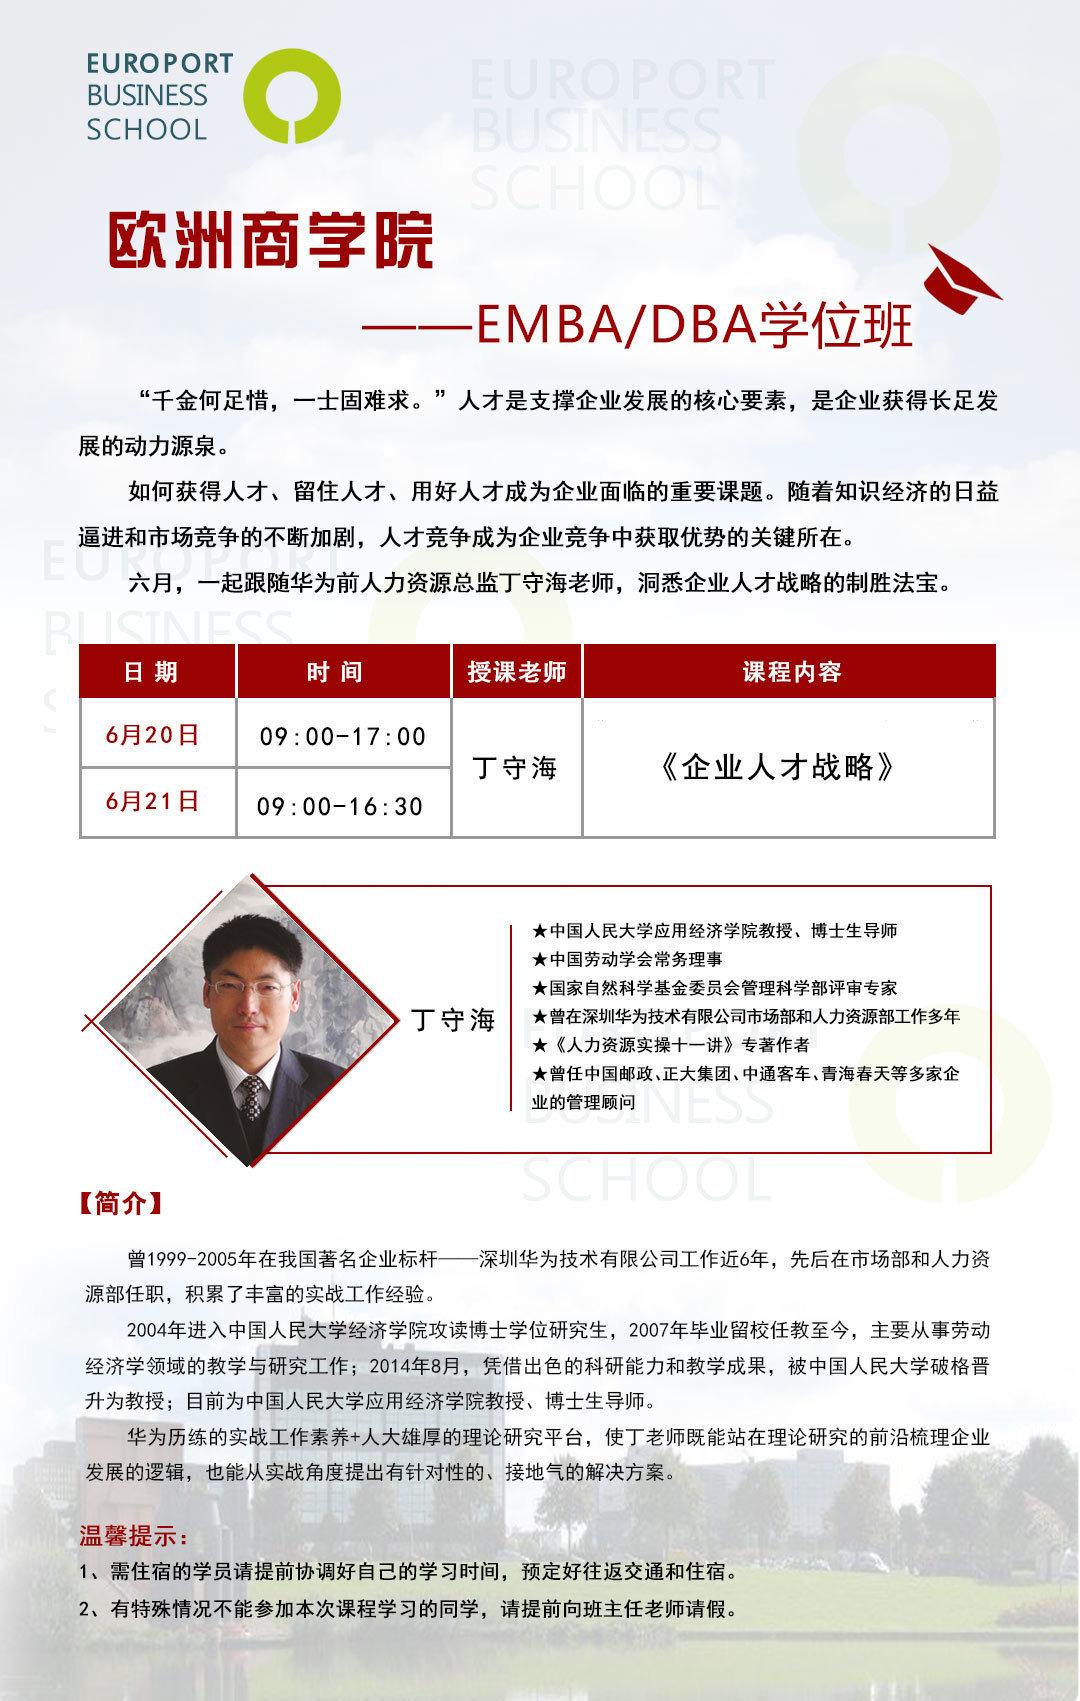 欧洲商学院,EMBA工商管理硕士,DBA工商管理博士,丁守海